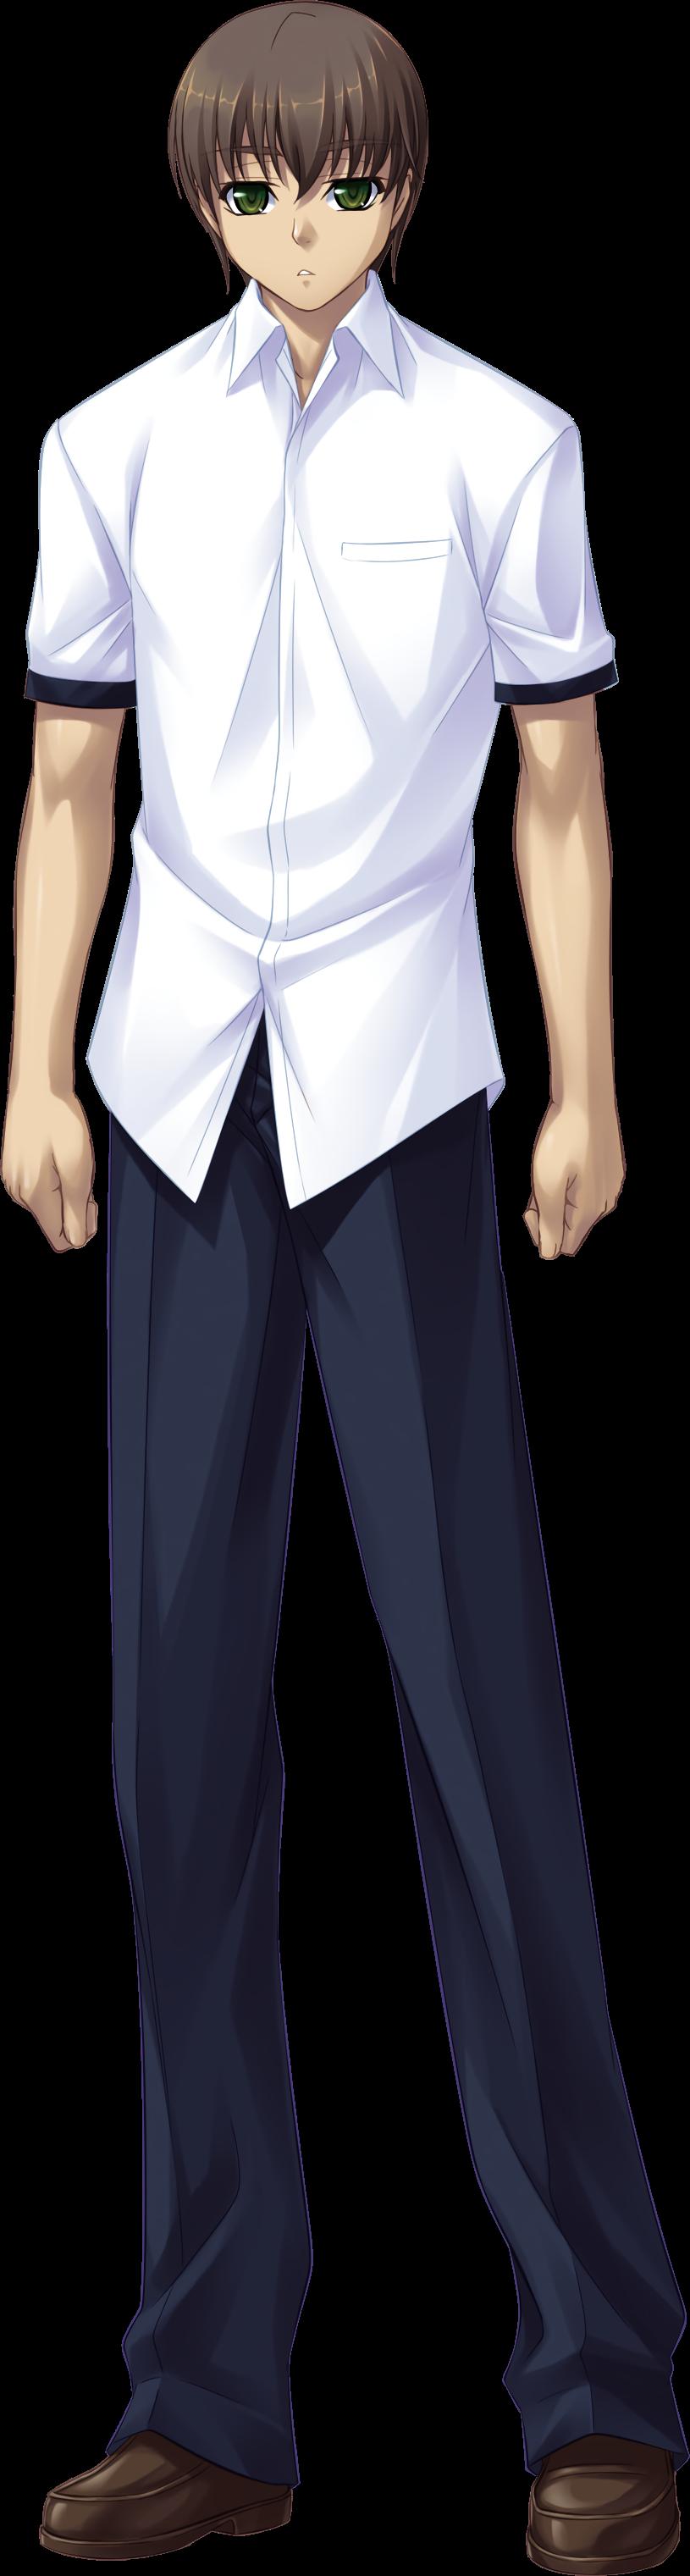 Rikuro Tachibana